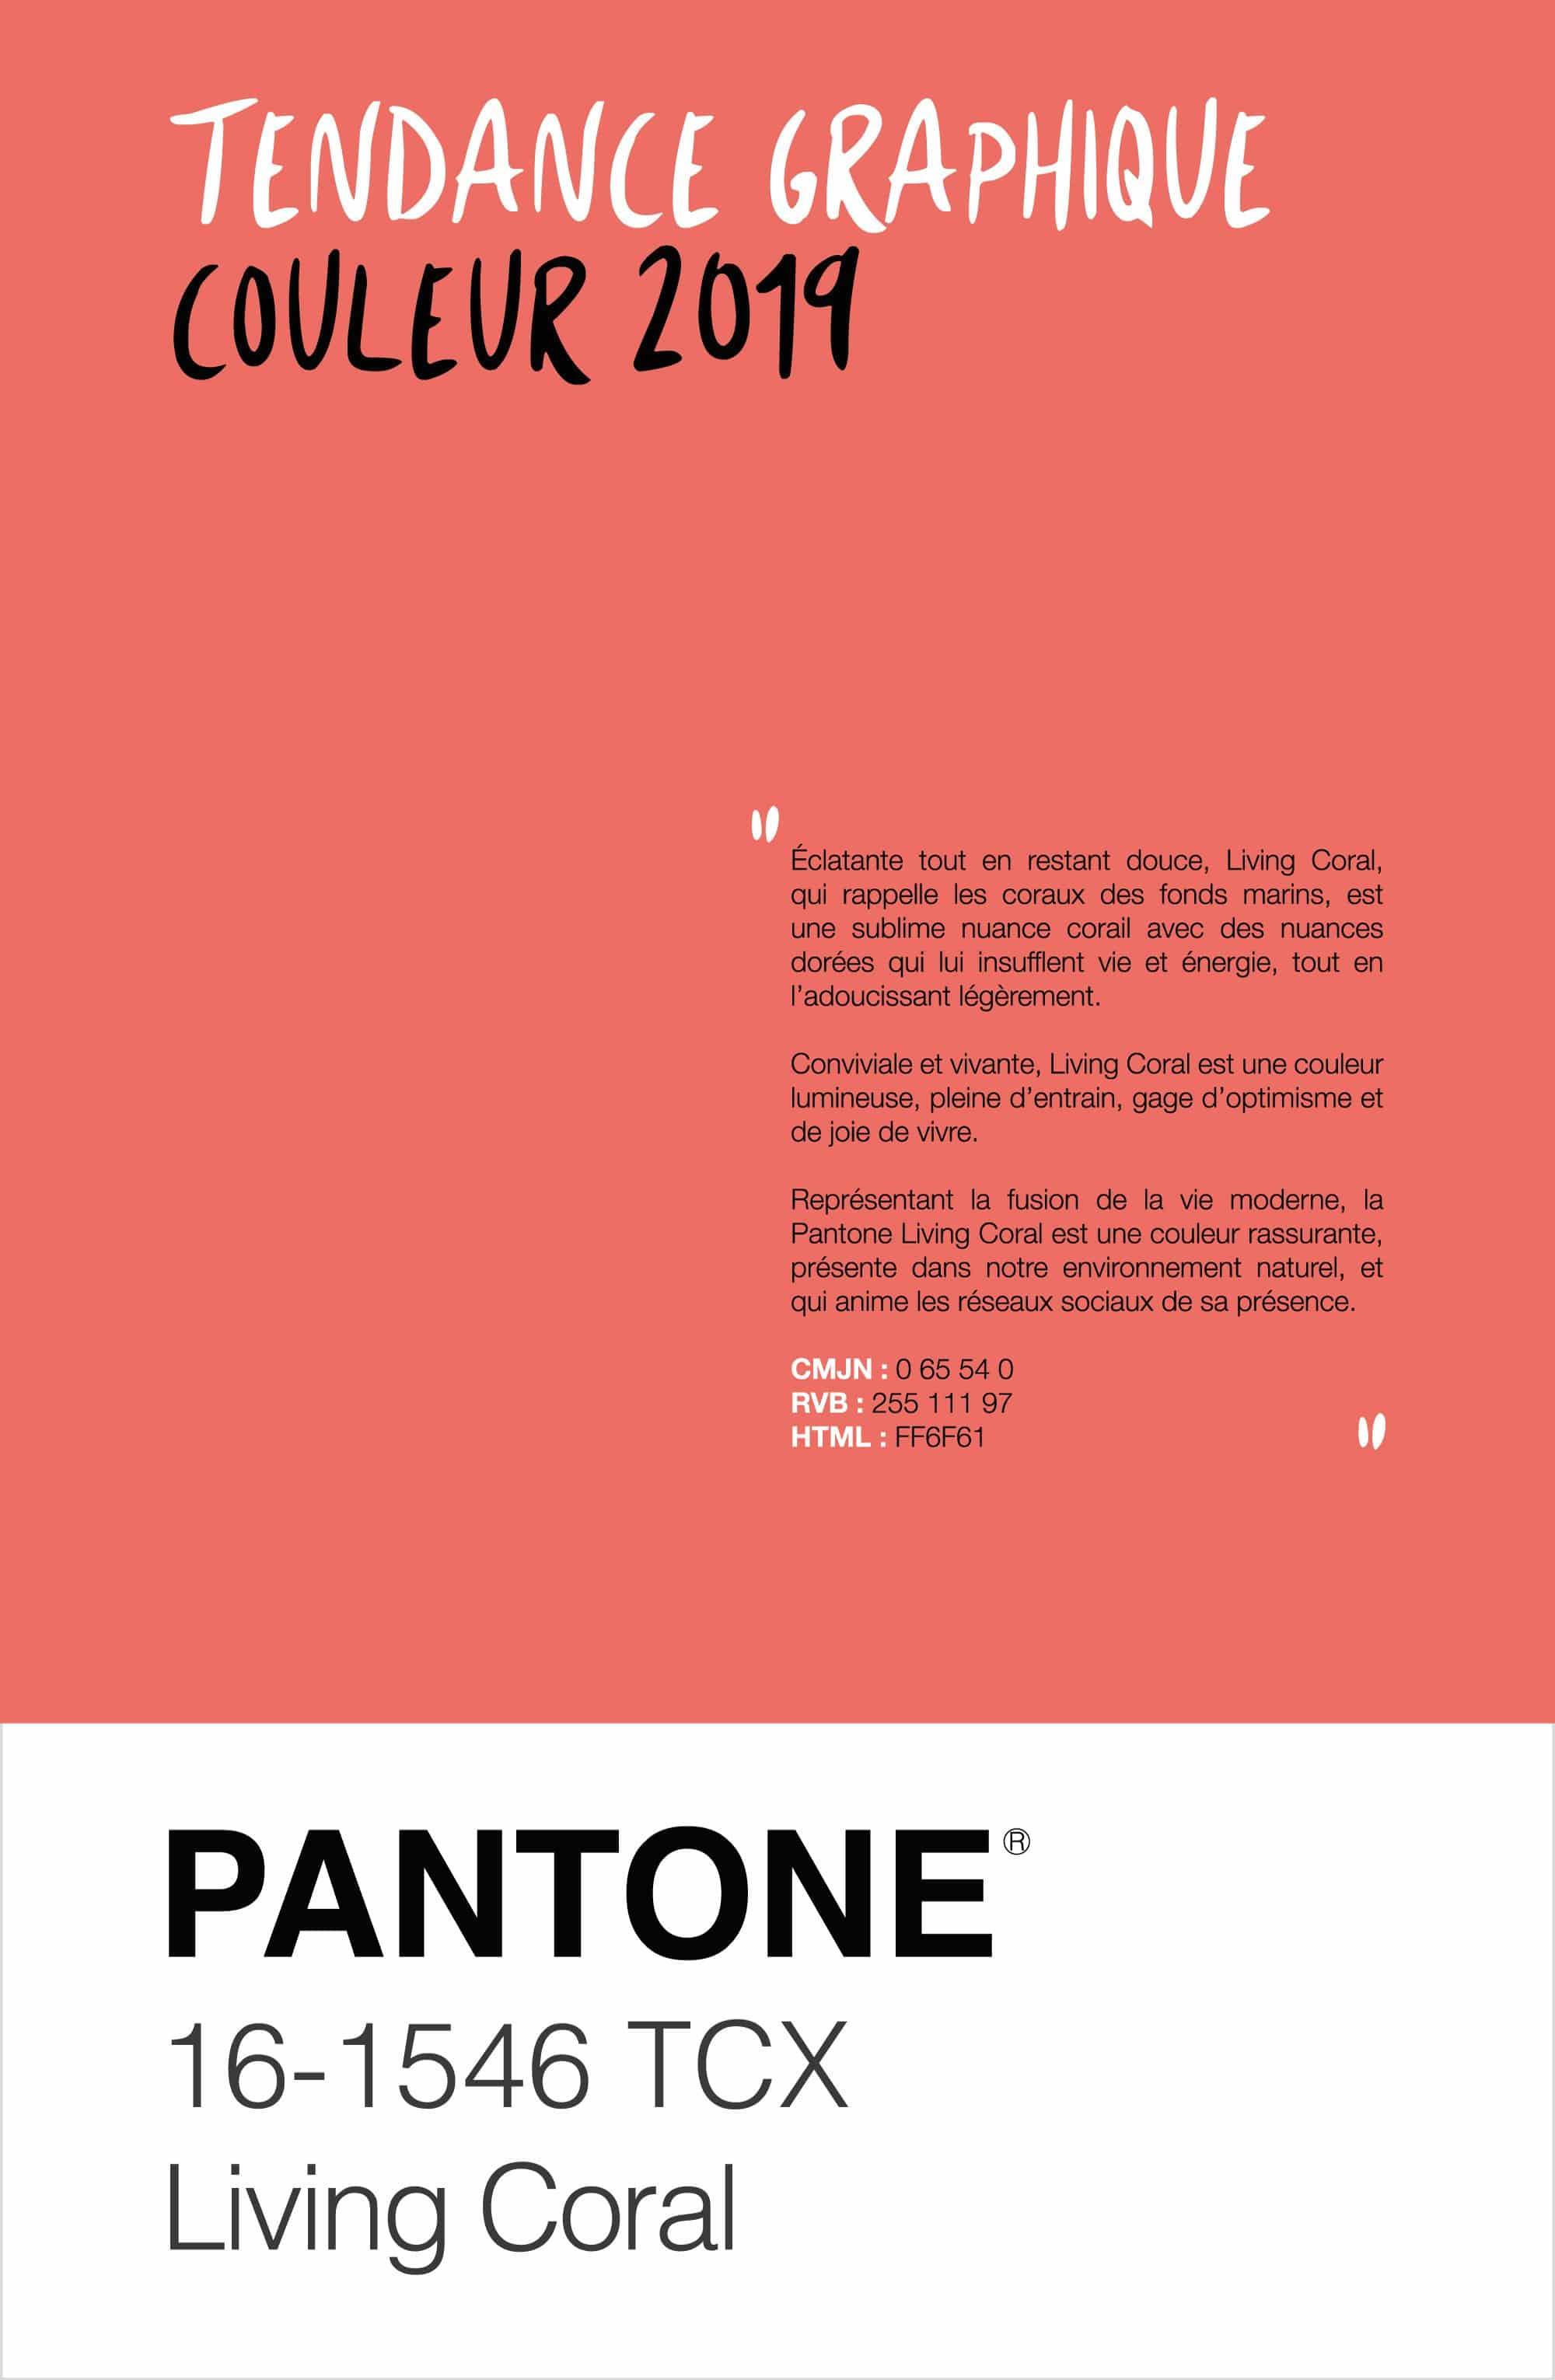 couleur-2019-pantone